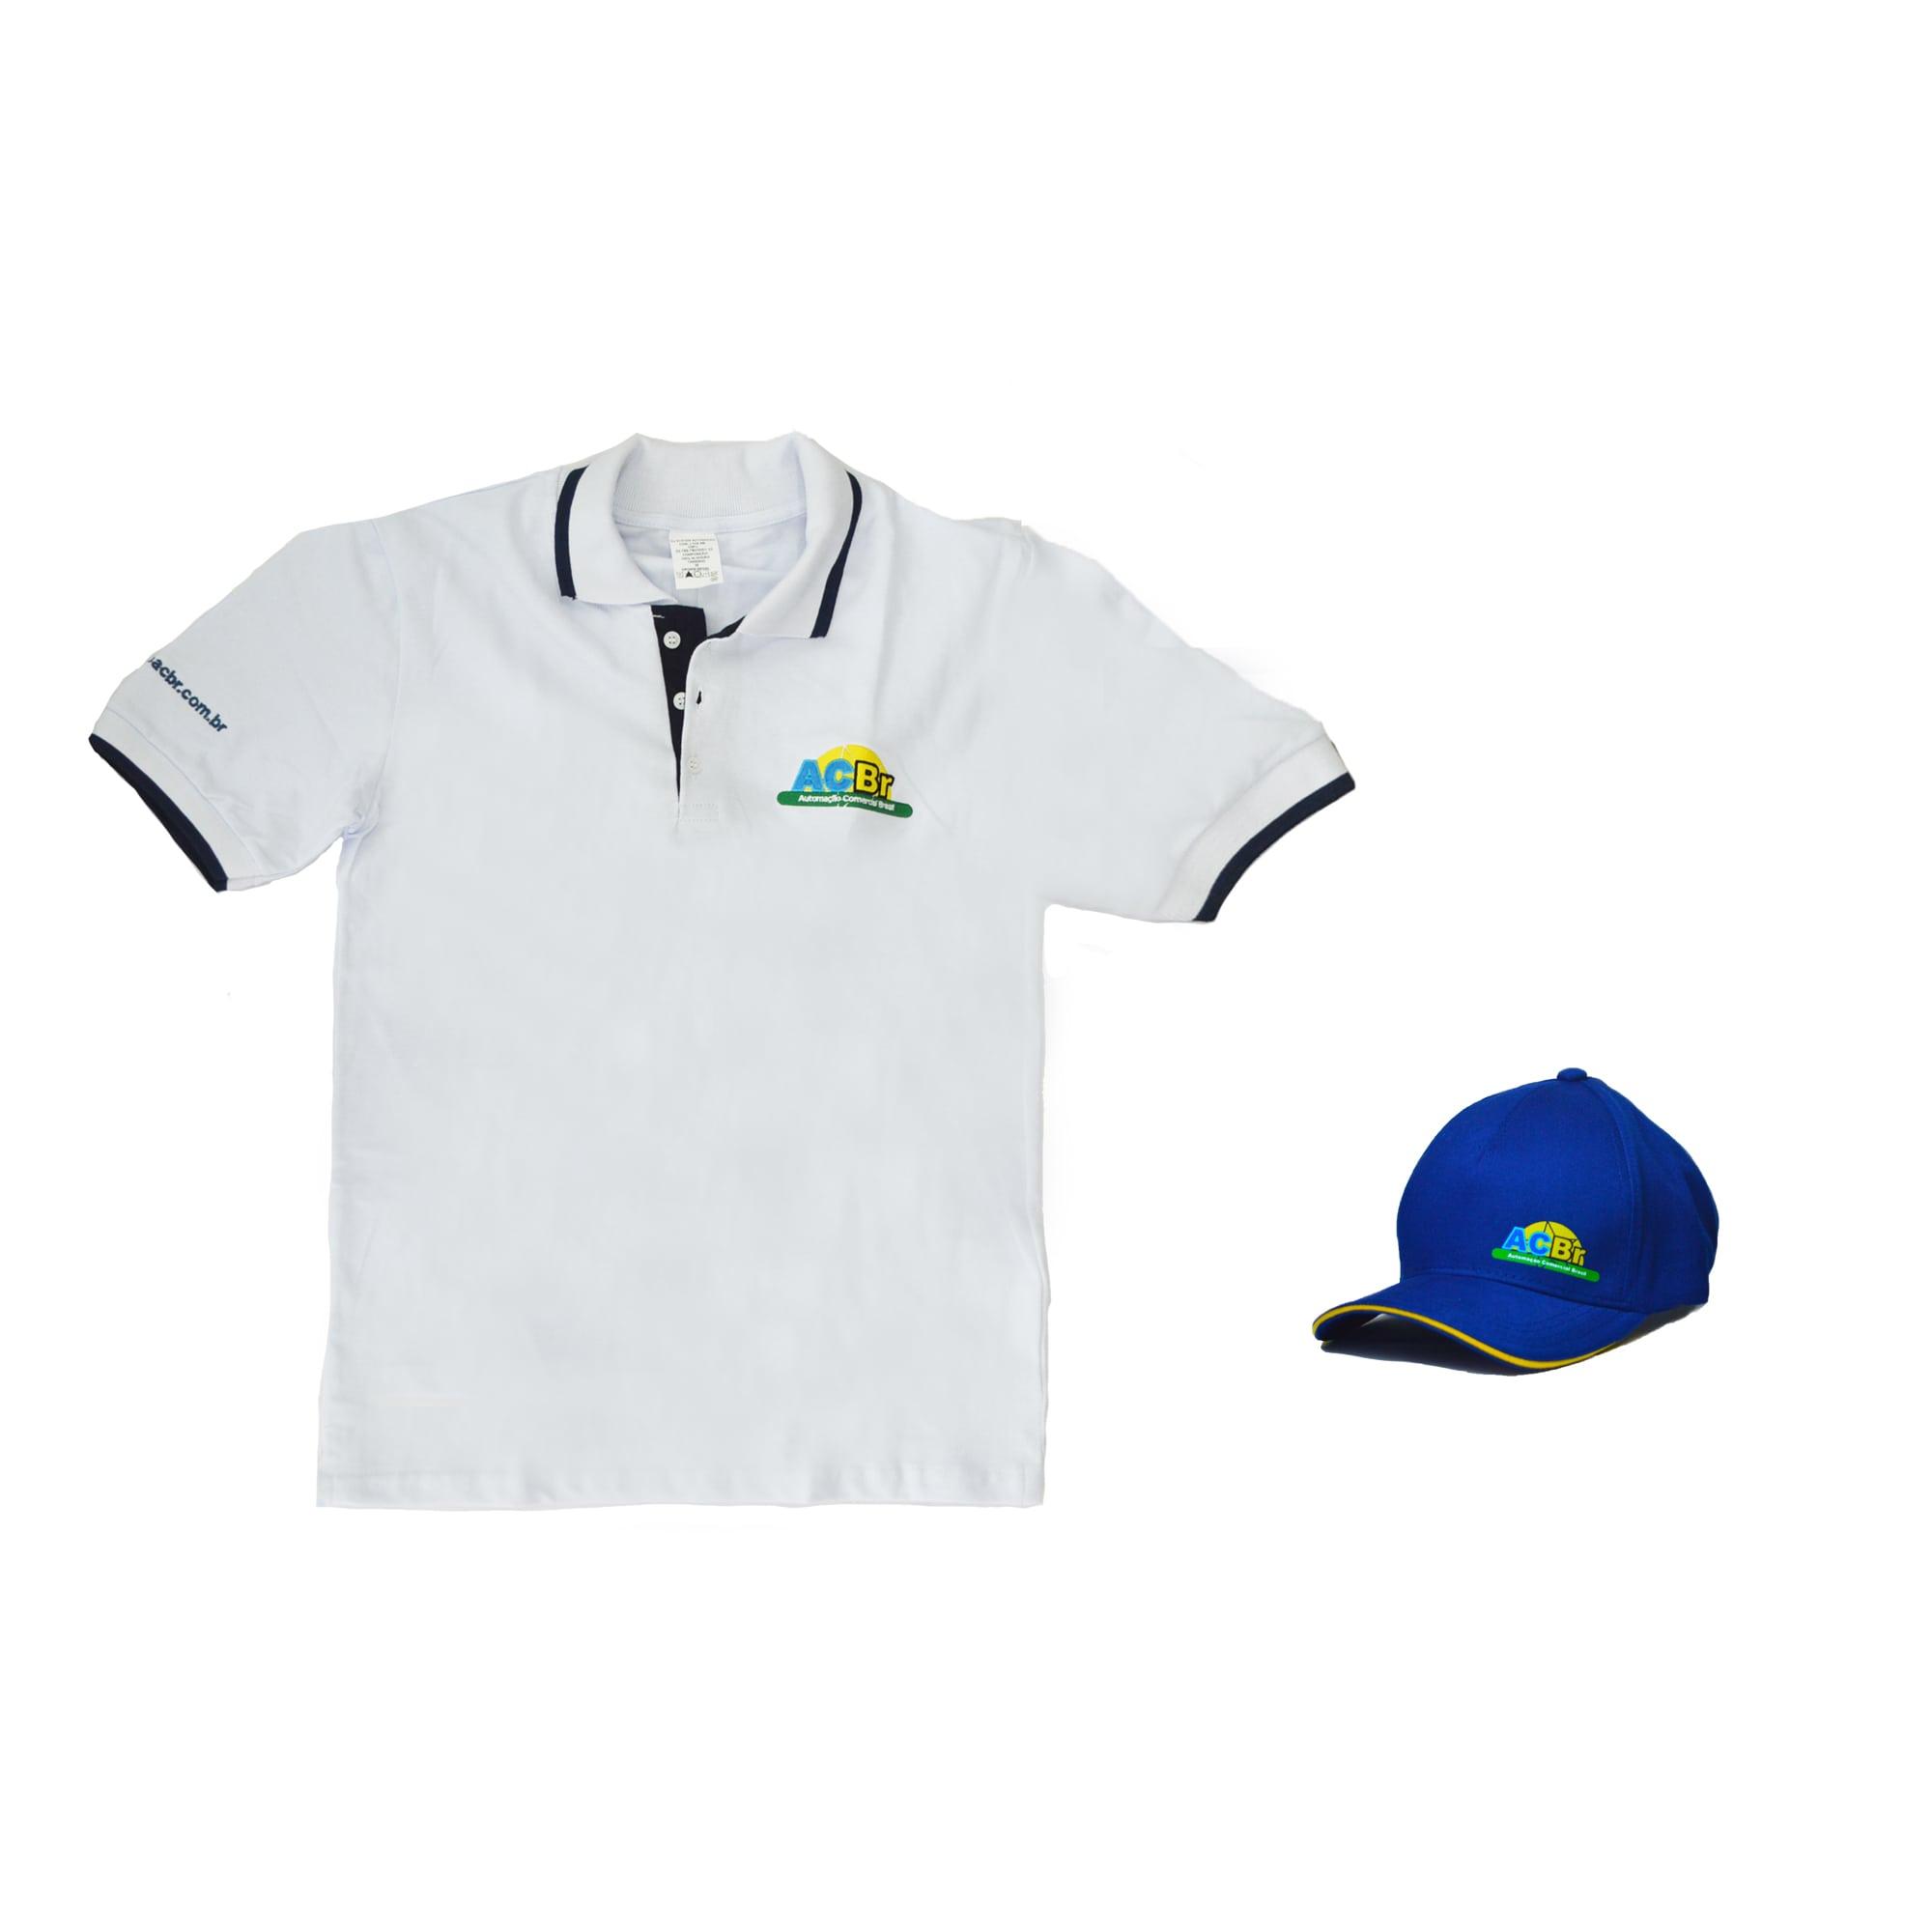 Kit Vestuário ACBr